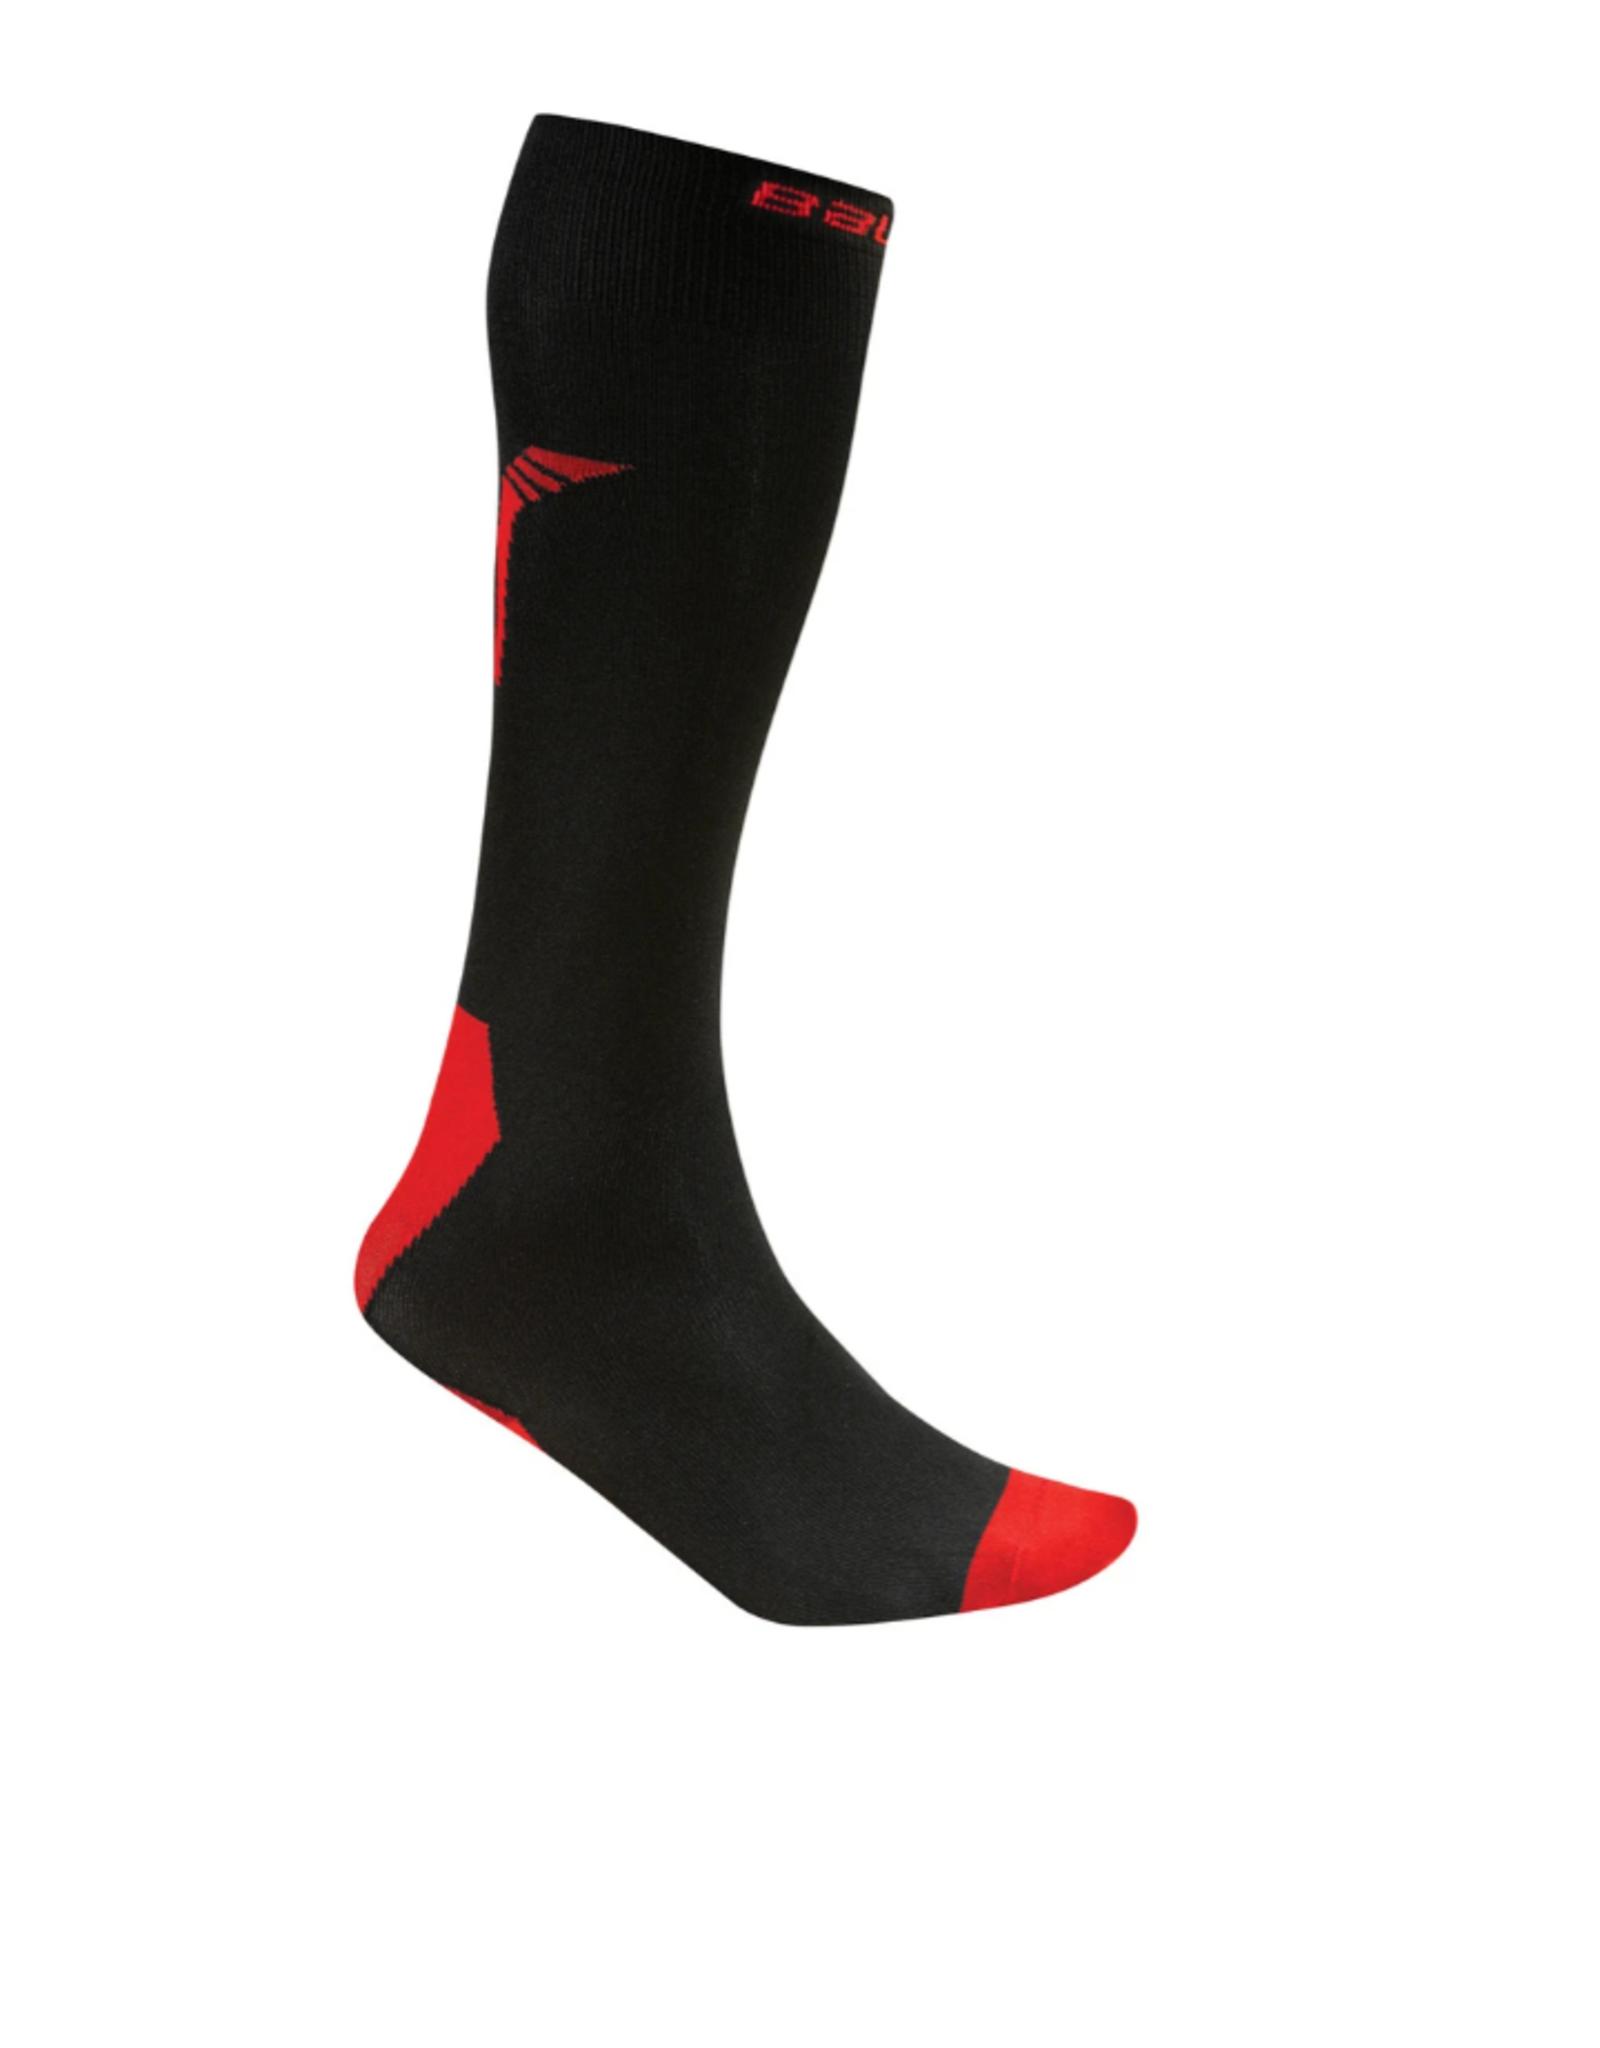 Bauer Core Socks Tall